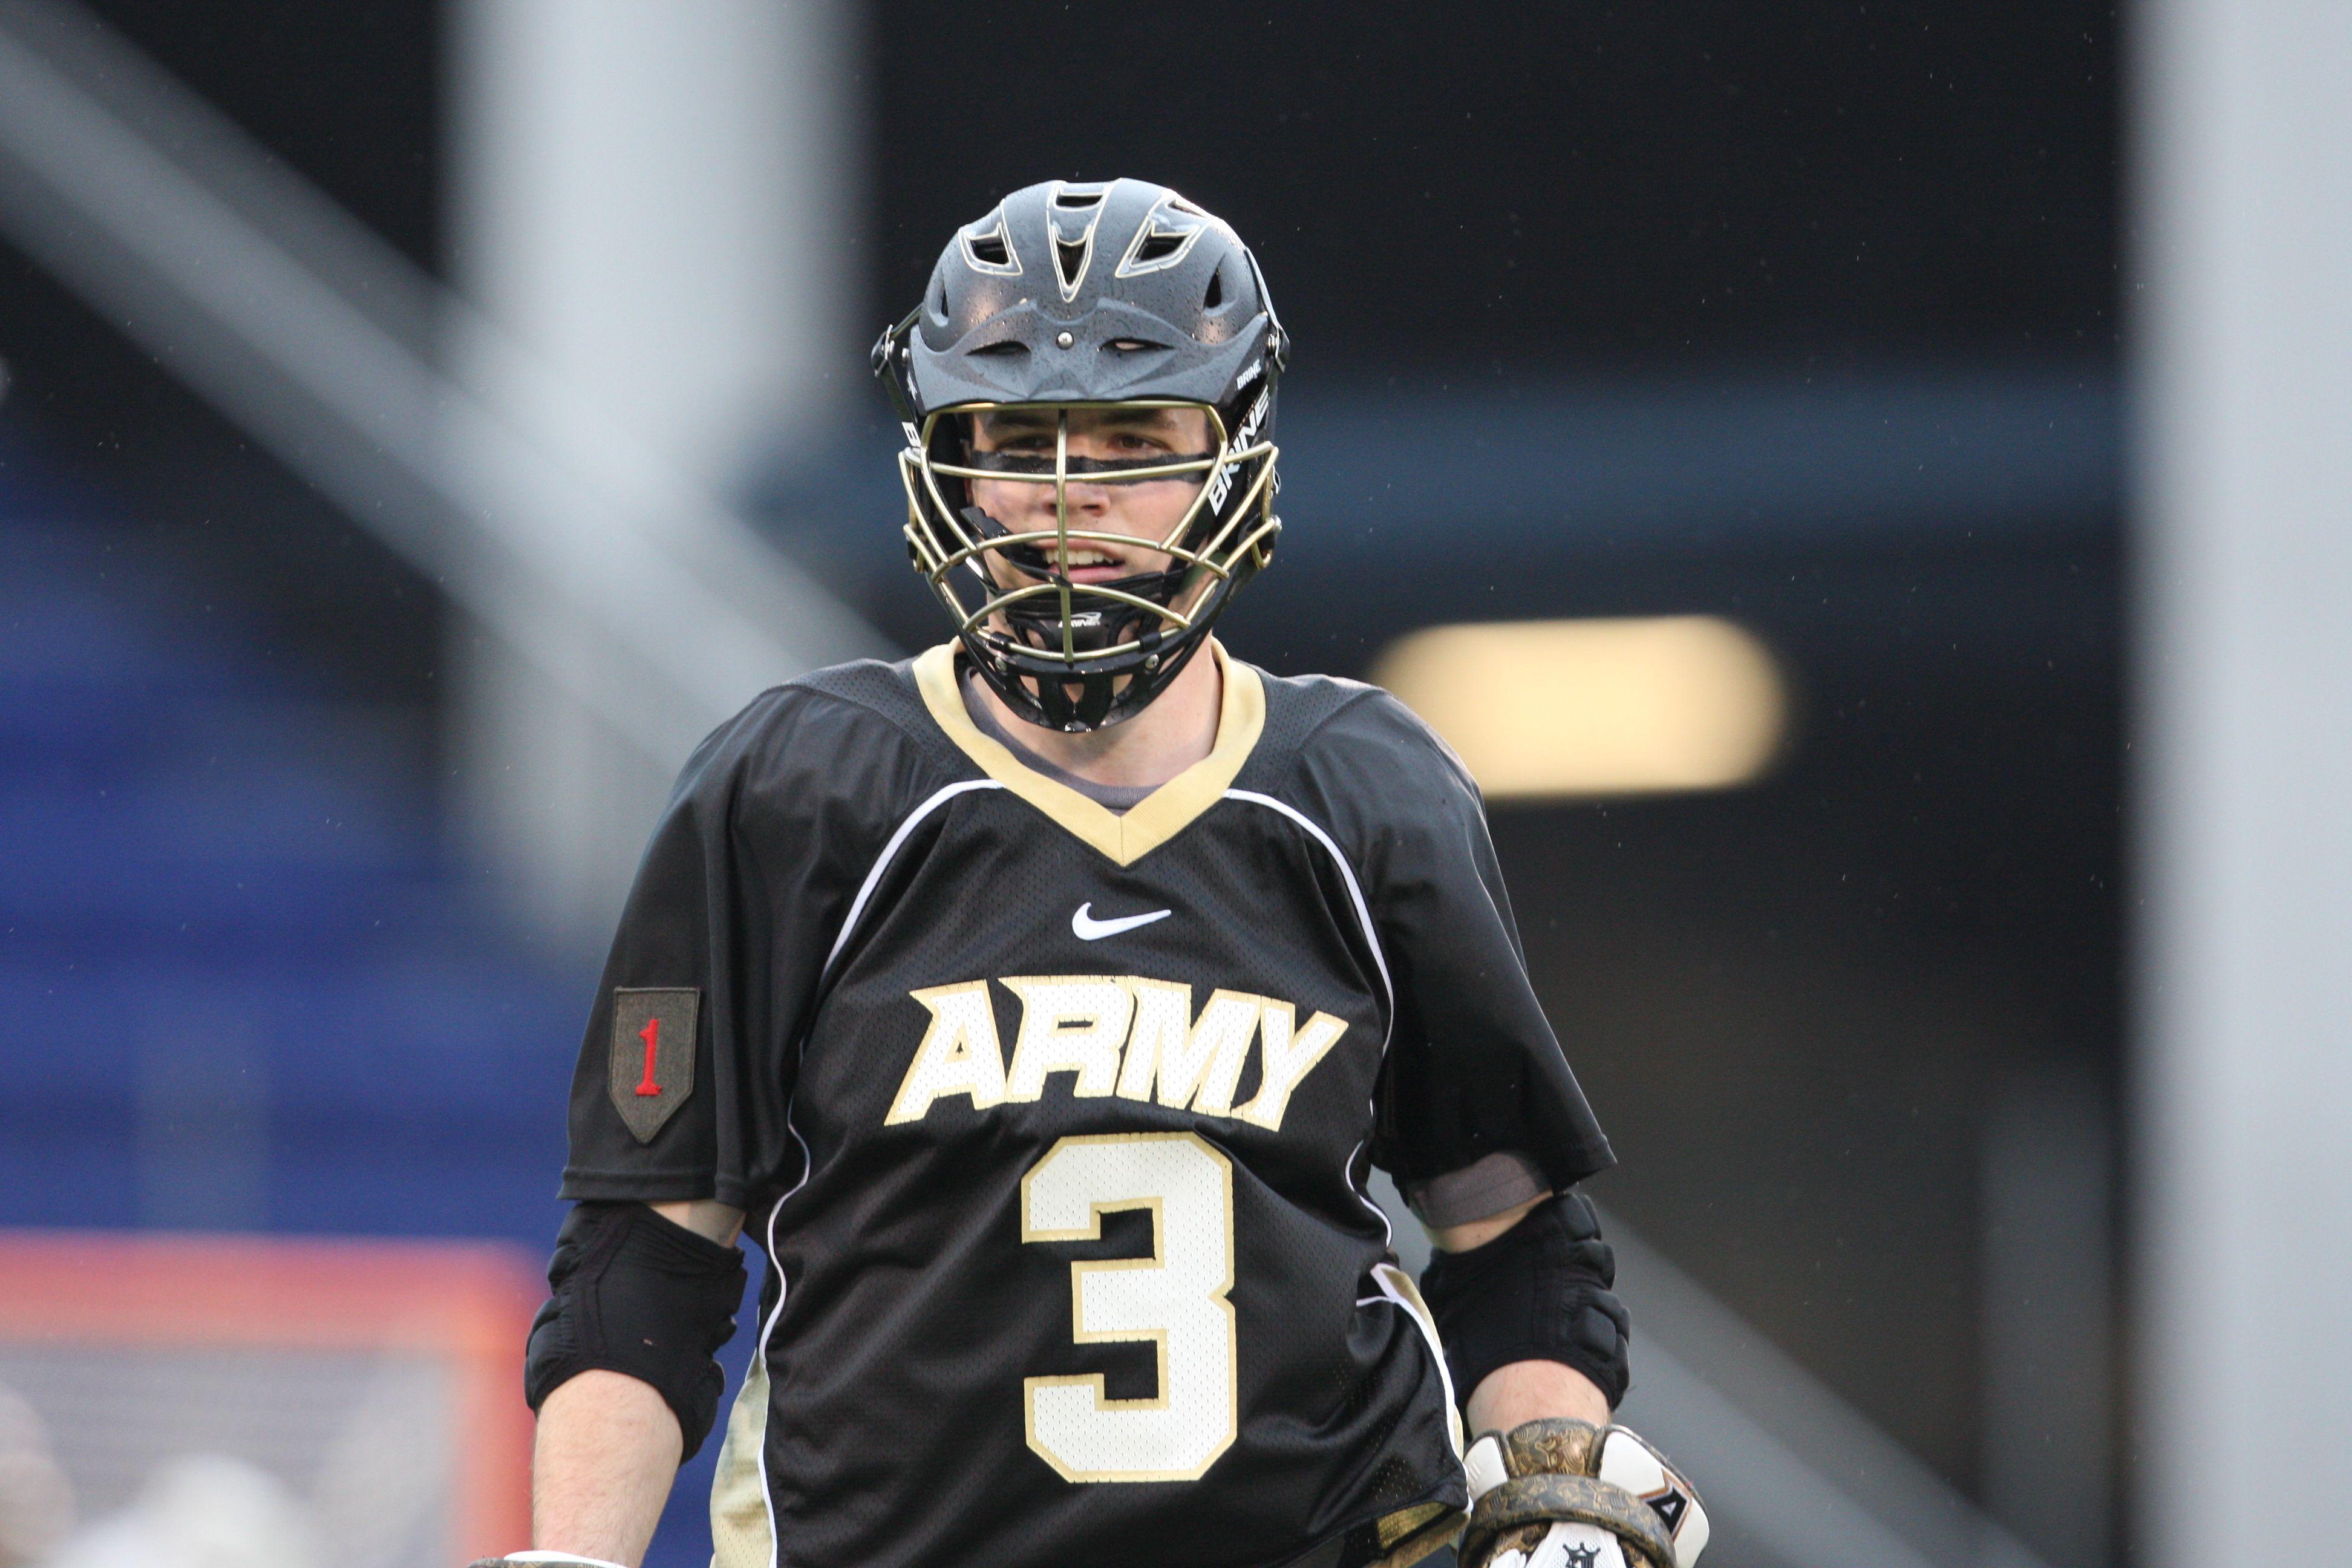 Army Lacrosse Black Jersey Lacrosse Football Helmets Jersey